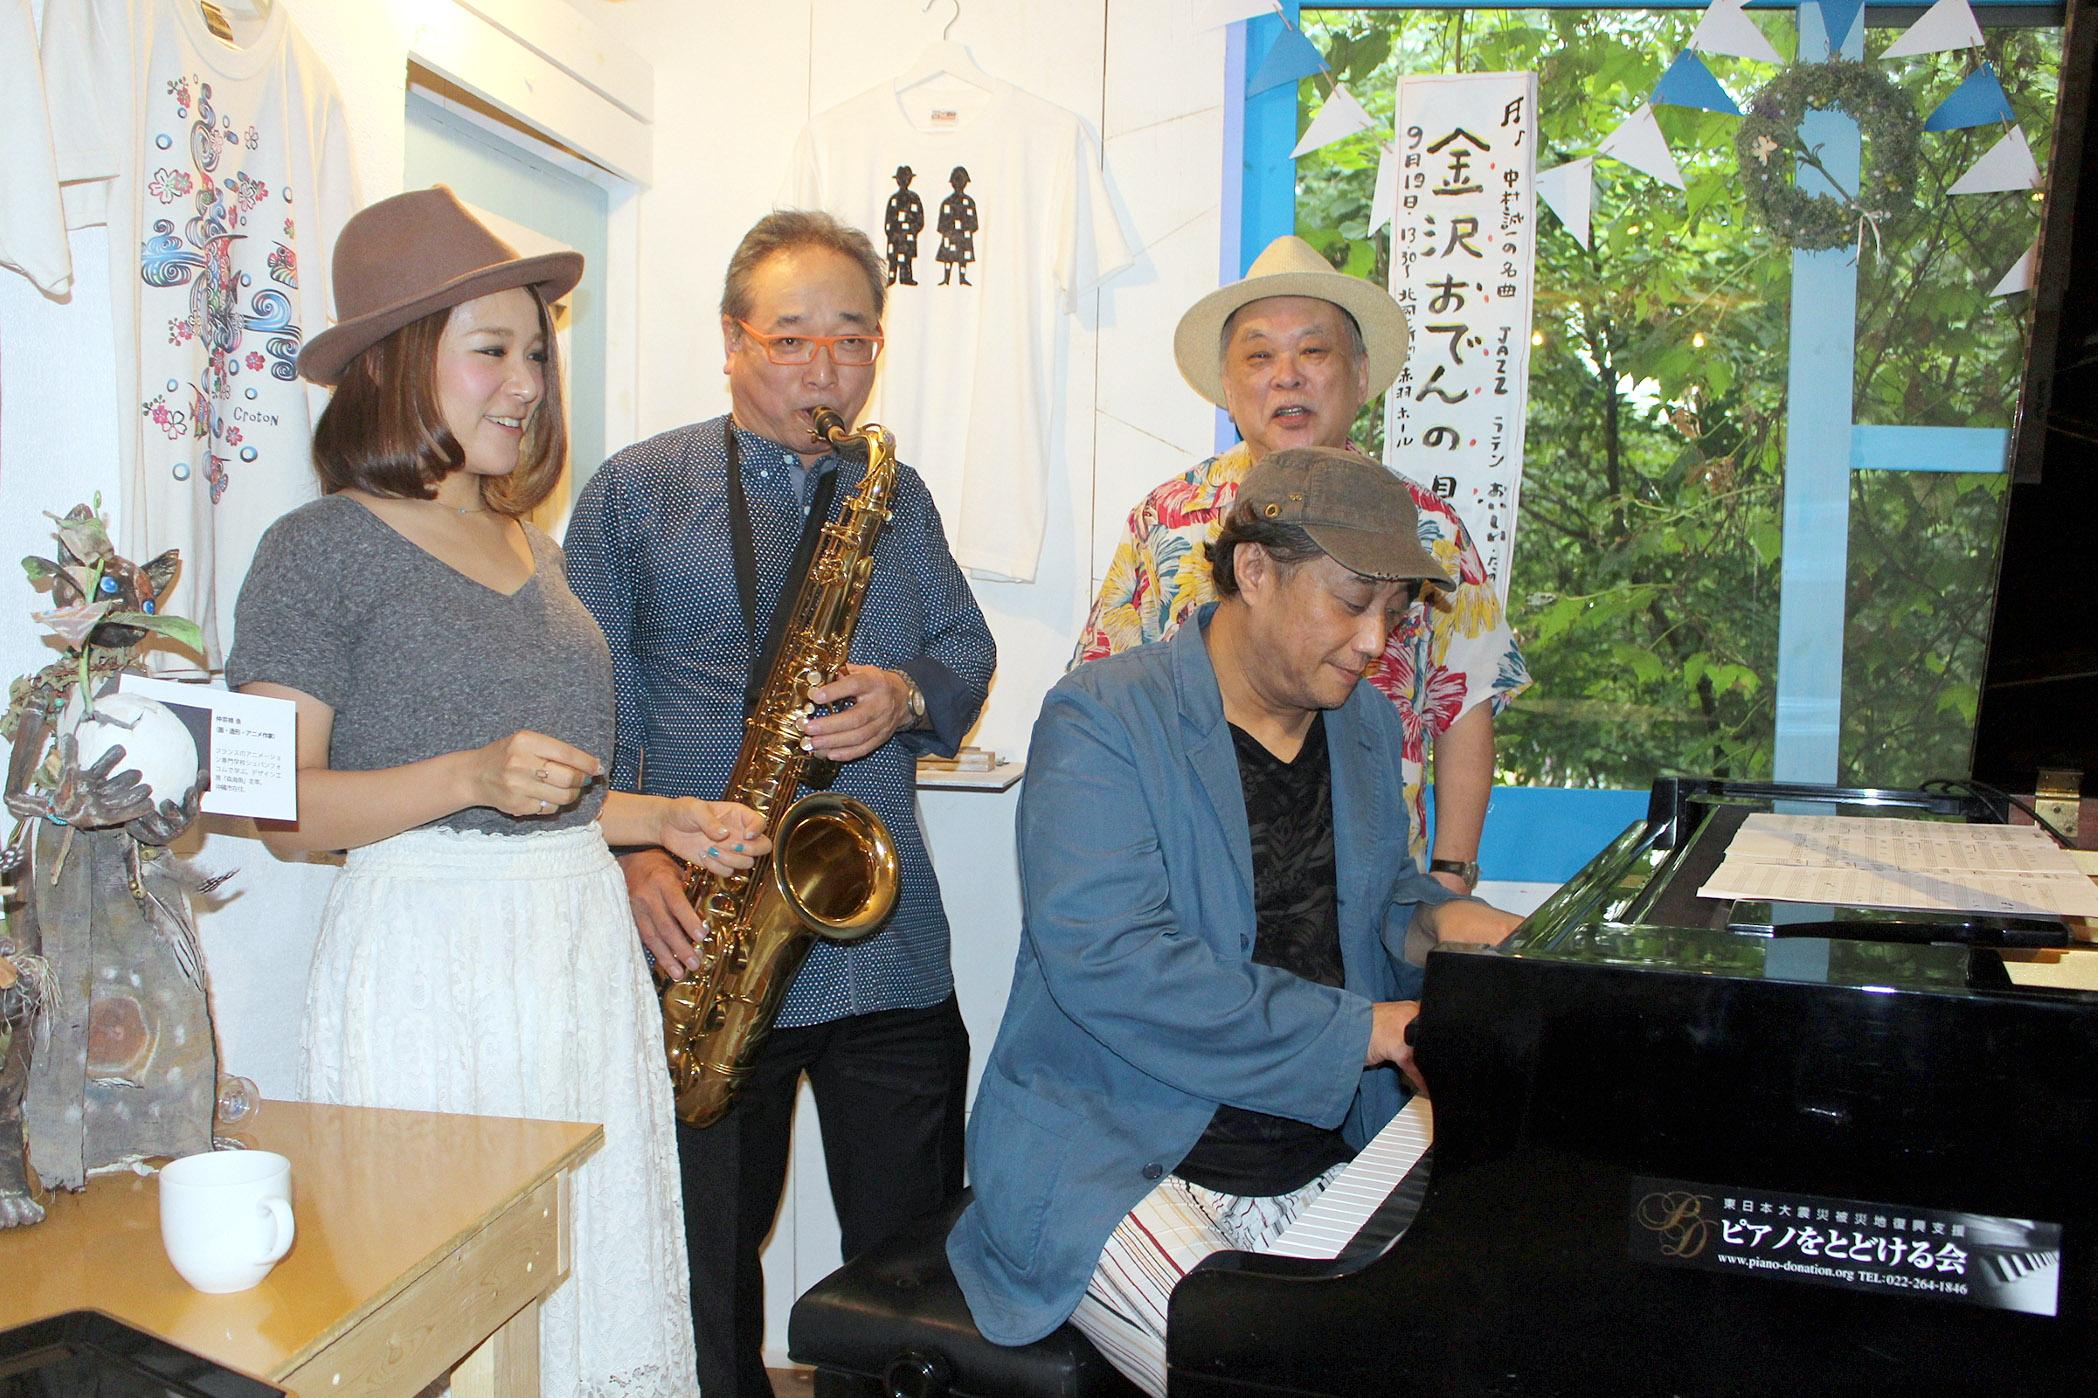 おでんの唄を確認する(左から)紗理さん、中村さん、嵐山さんと吉岡さん(前列)=東京・立川市